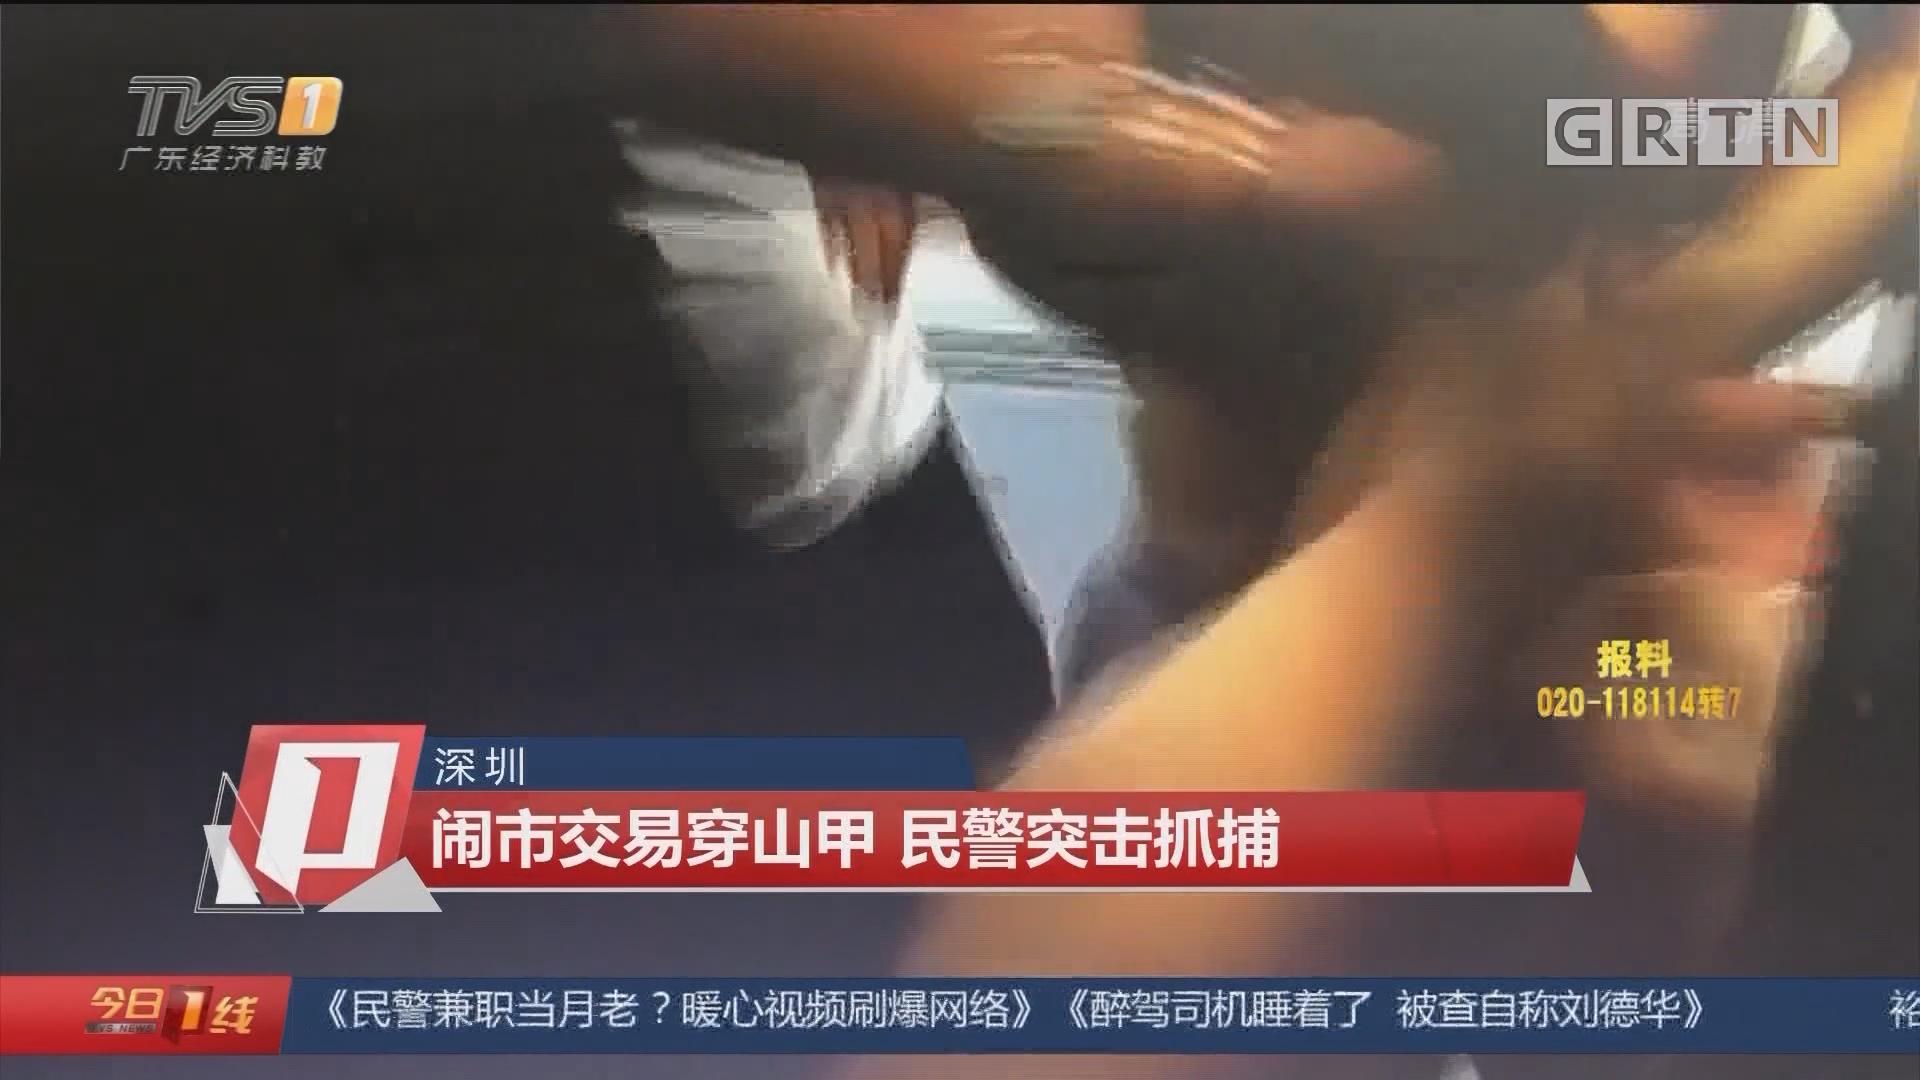 深圳:鬧市交易穿山甲 民警突擊抓捕